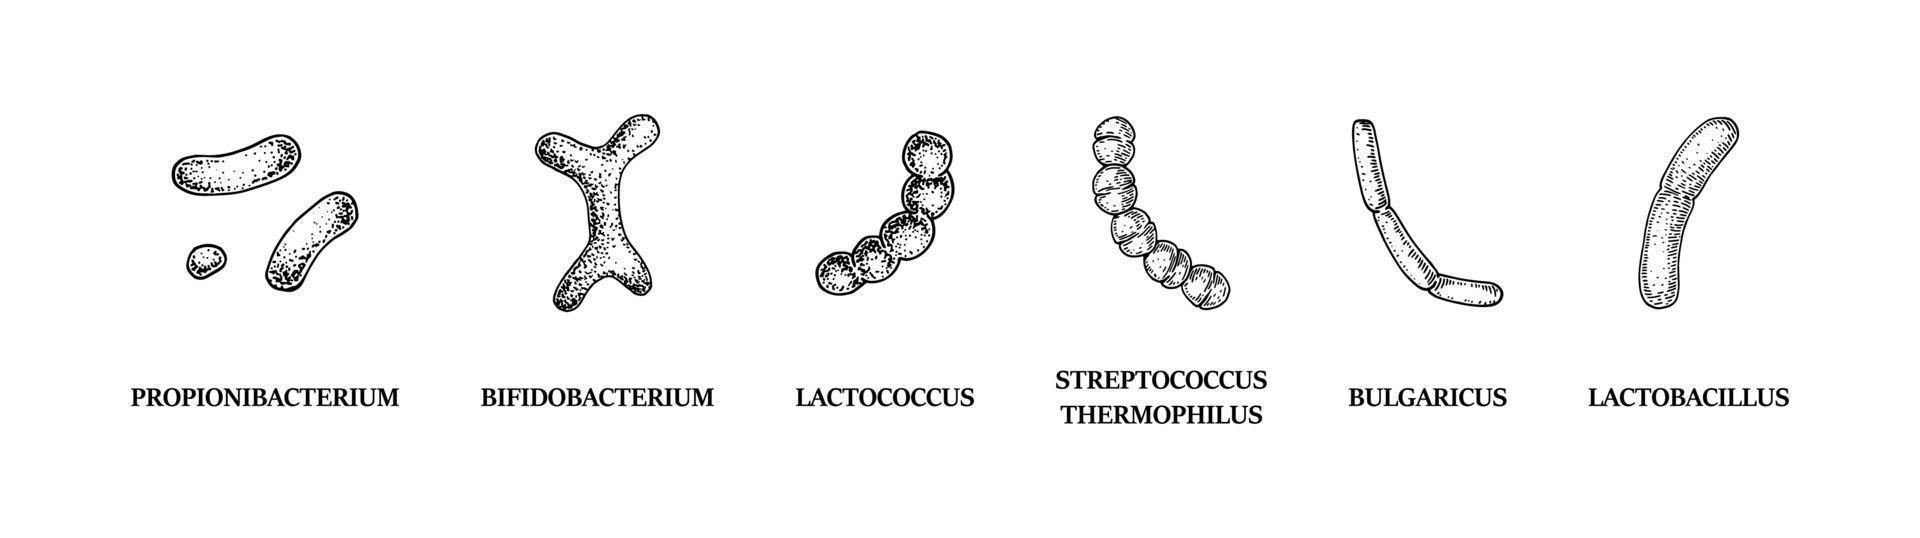 uppsättning handritade probiotika bakterier lactococcus, lactobacillus, bulgaricus, bifidobacterium, propionibacterium, streptococcus. vektor illustration i skiss stil